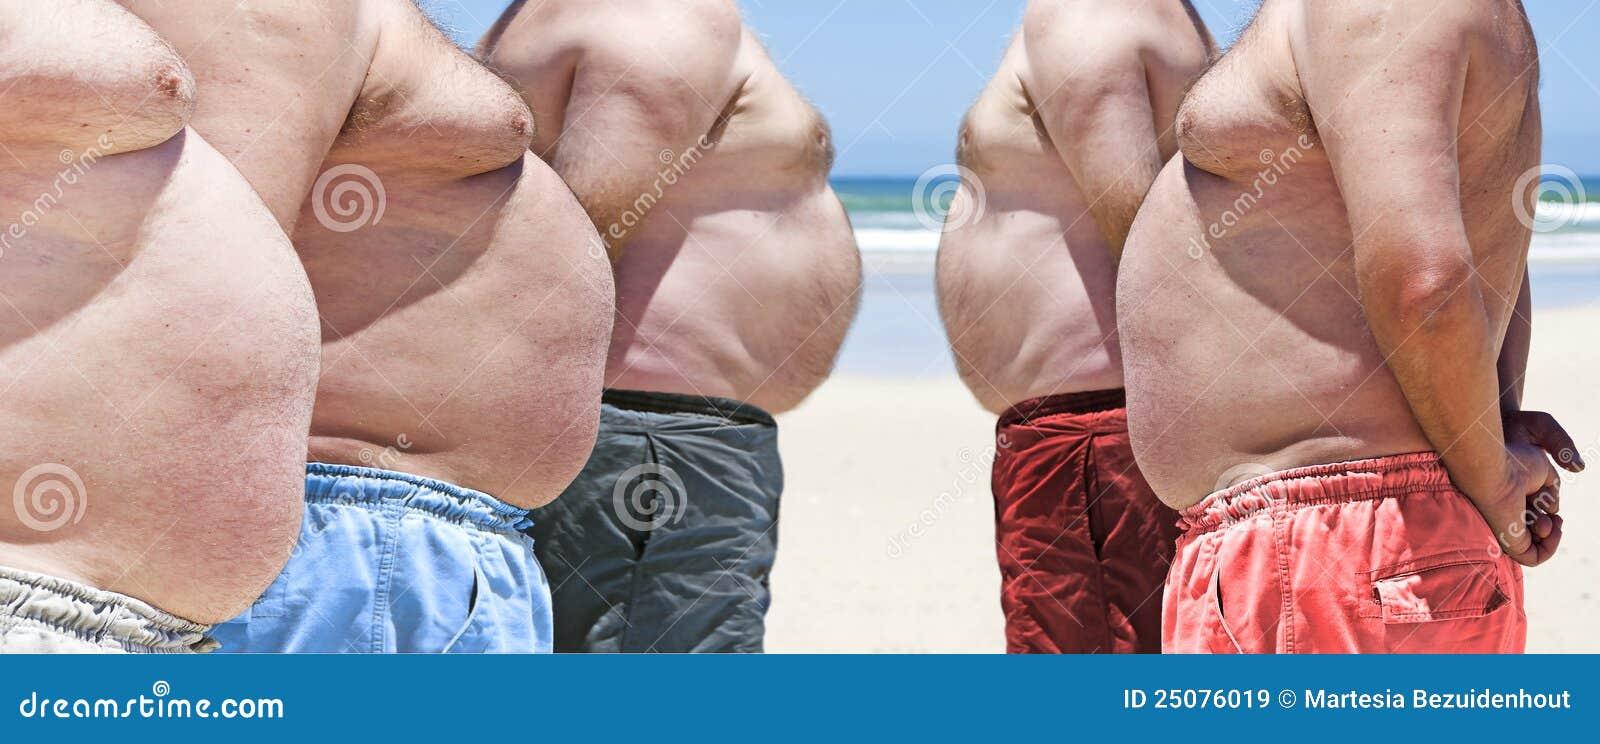 Niveau marketing, ils sont au top ... - Page 2 Cinq-gros-hommes-tr%C3%A8s-ob%C3%A8ses-sur-la-plage-25076019